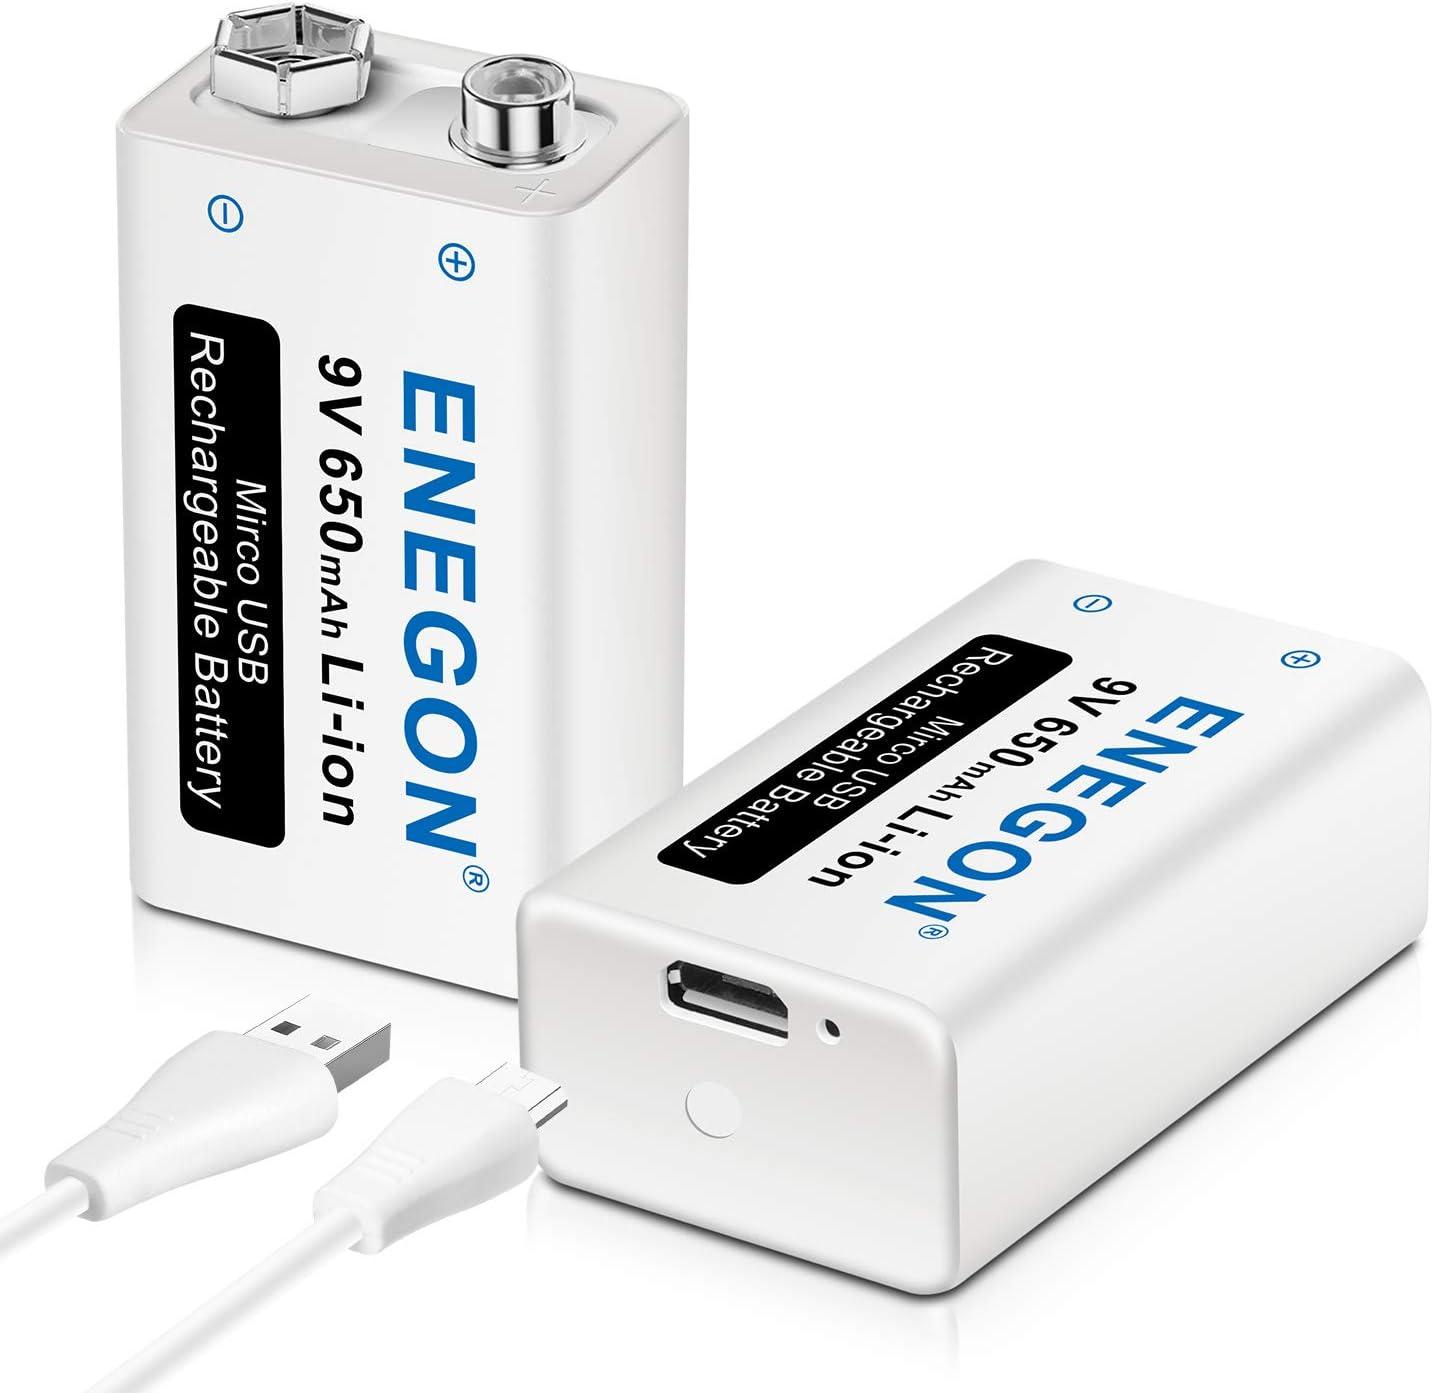 Pila recargables 9V de Iones de Litio y 650mAh. Cargador por USB. Vida útil +500 cliclos y baja autodescarga, Marca Enegon